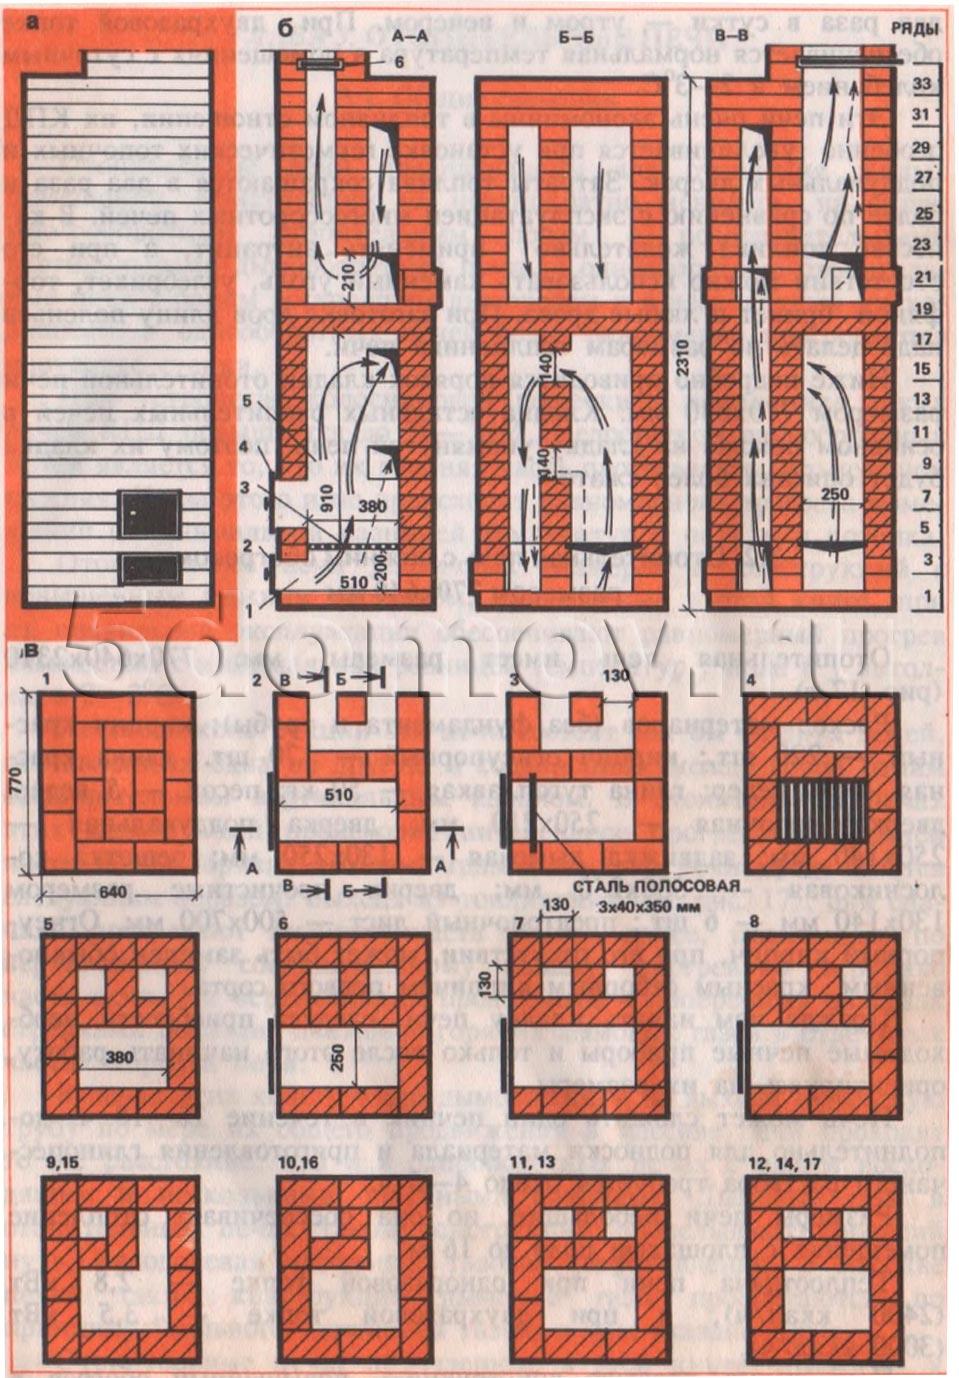 Fikon. 1. Värmeugn med lägre uppvärmningsstorlek på 770x640 mm A - fasad; B - Nedskärningar av AA, B-B, in-in; i - Masonry 1 -17 rader; g - Masonry 18-35 rader; 1 - Ask-stegkamera; 2 - En eftertänksam dörr; 3 - GRATE OCH GRATE; 4 - spis; 5 - Bränslet; 6 - Rökventil.